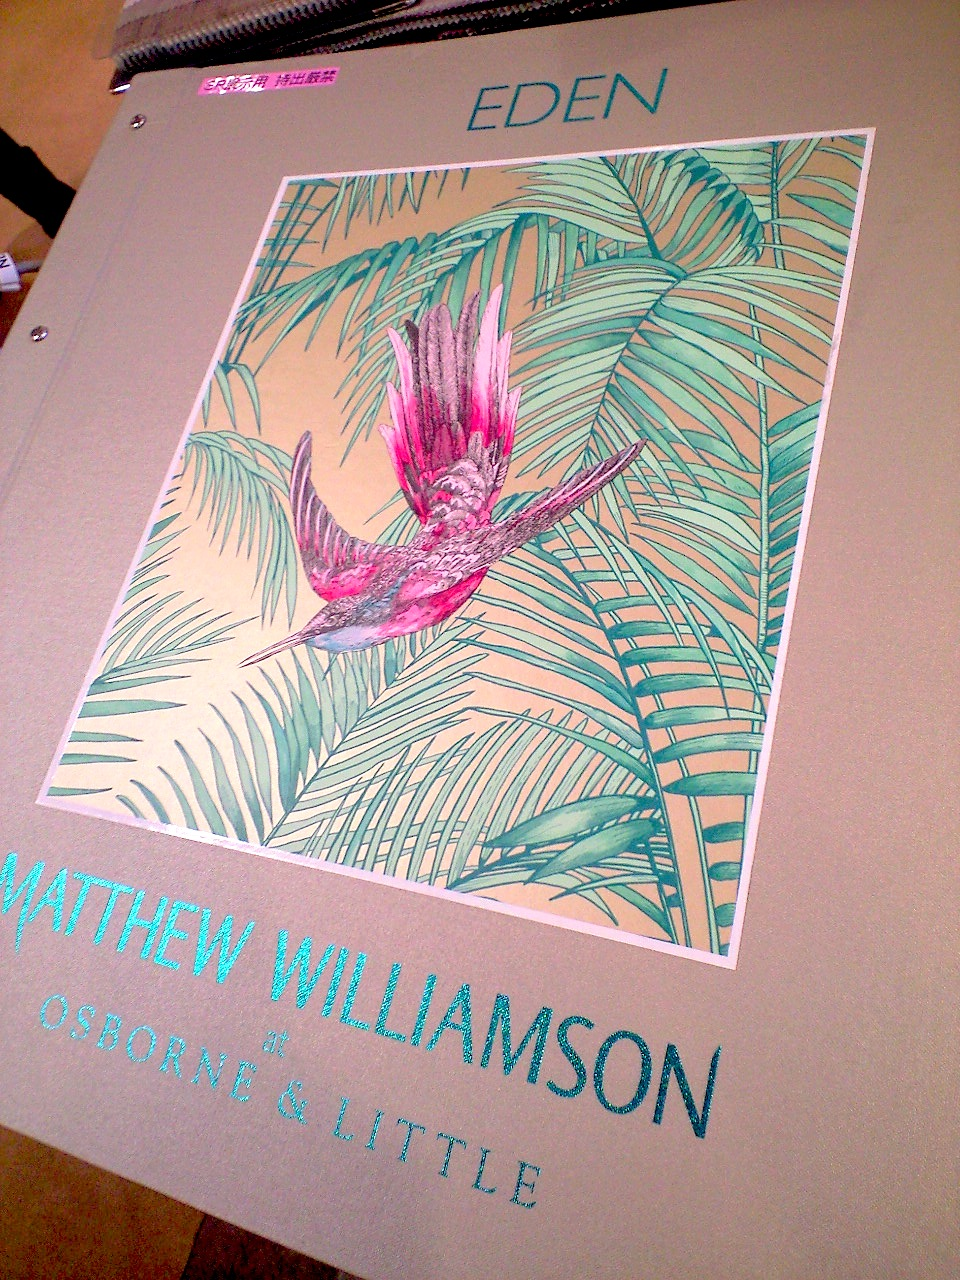 マシュー・ウイリアムソンの壁紙   by  Osborne&Little_c0157866_1614418.jpg